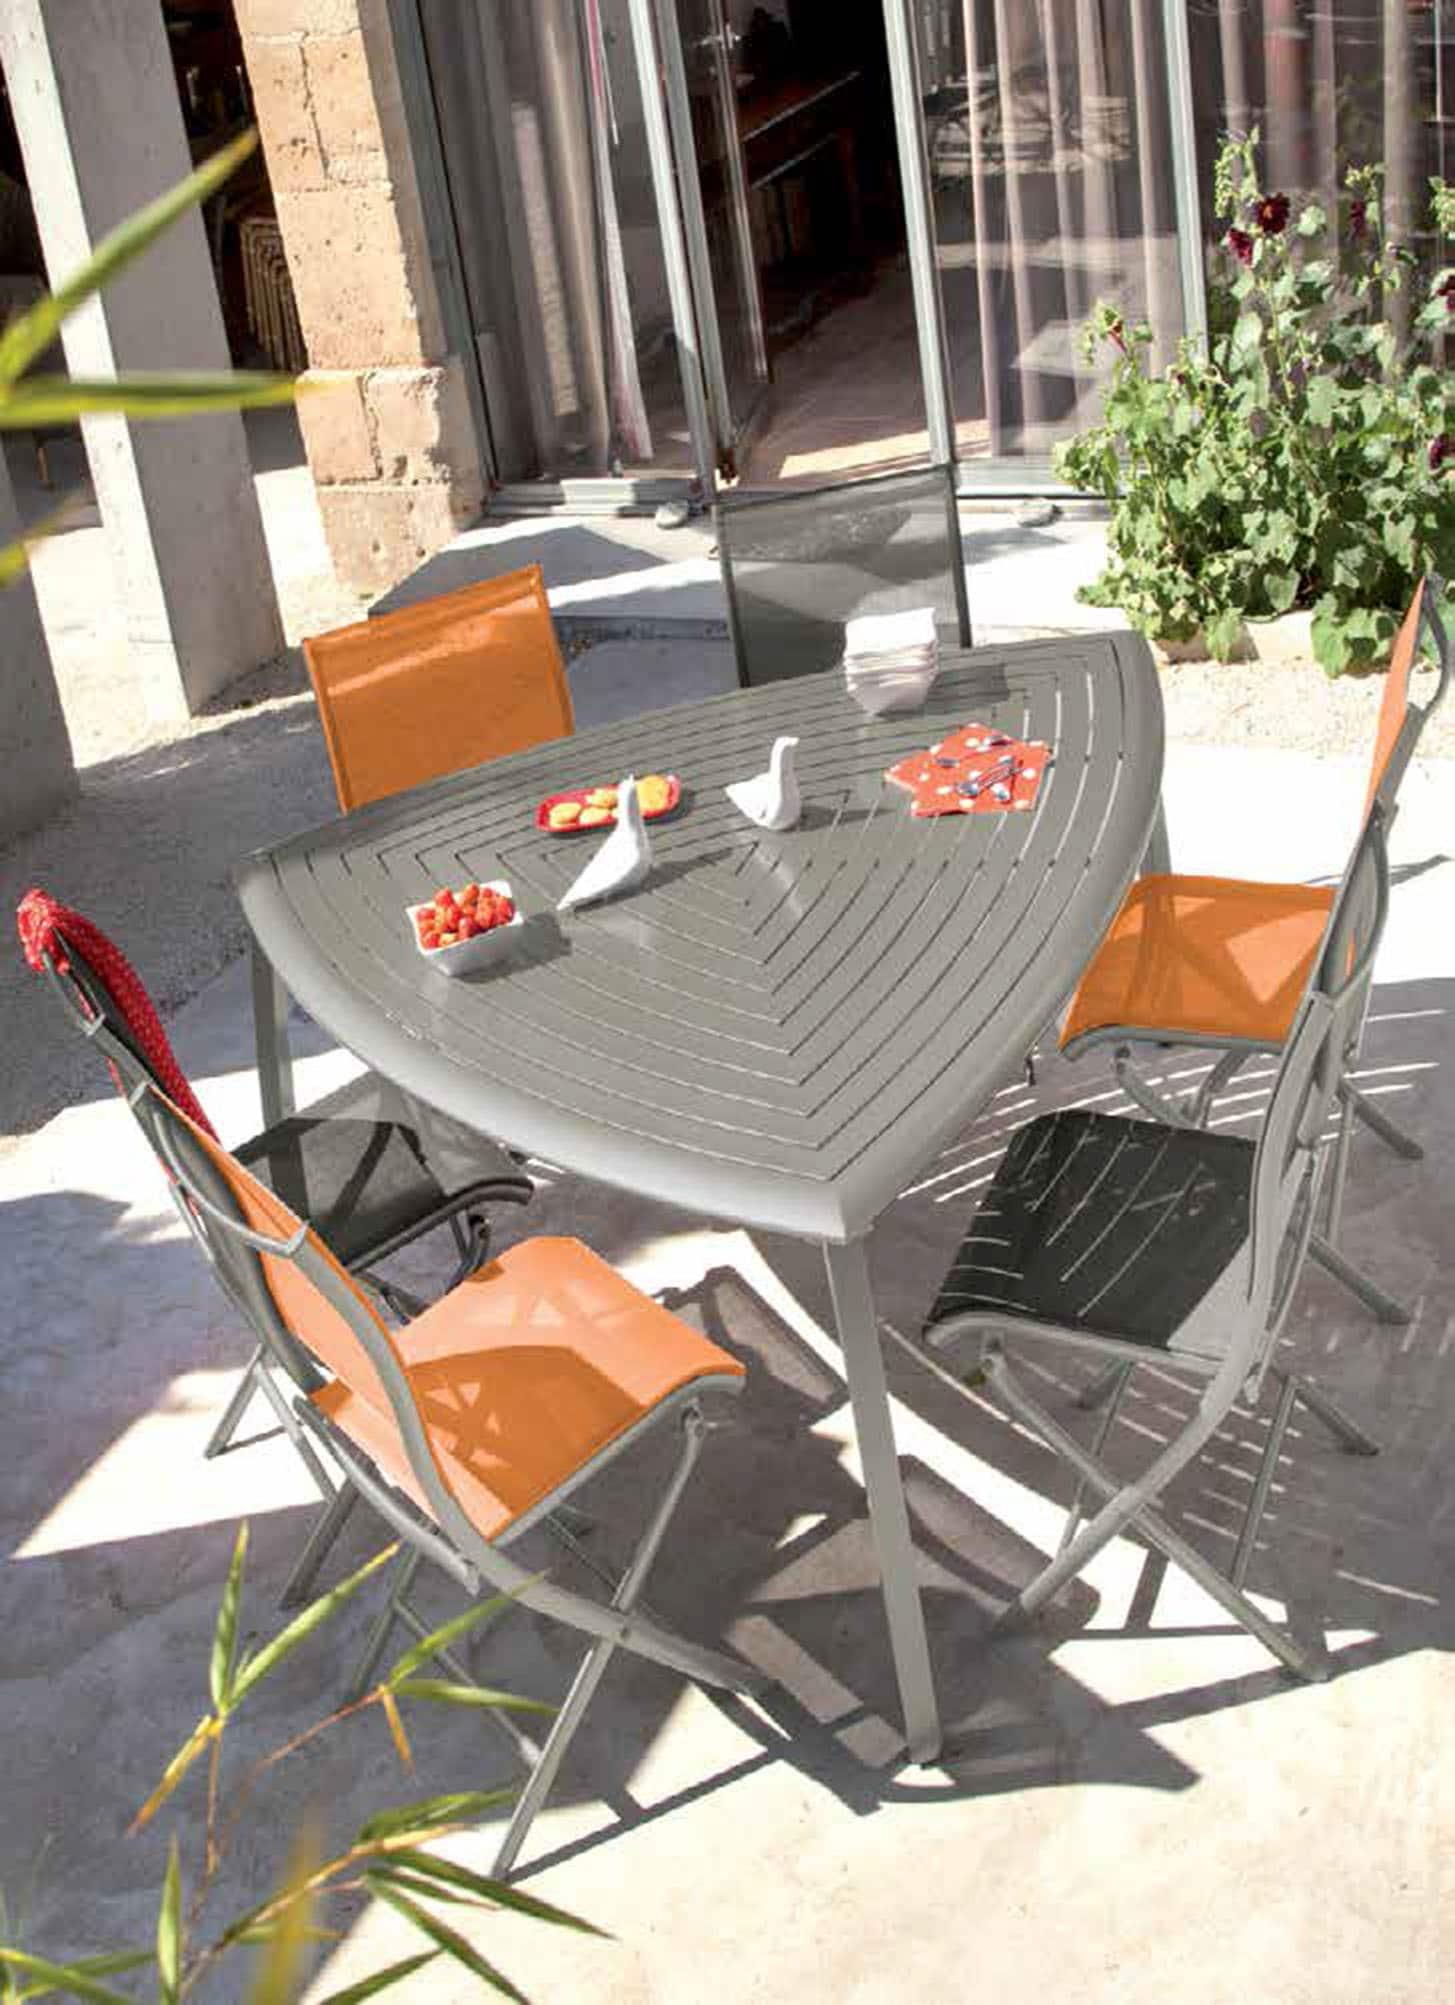 Mobilier repas store and co - Salon de jardin barcelona ...